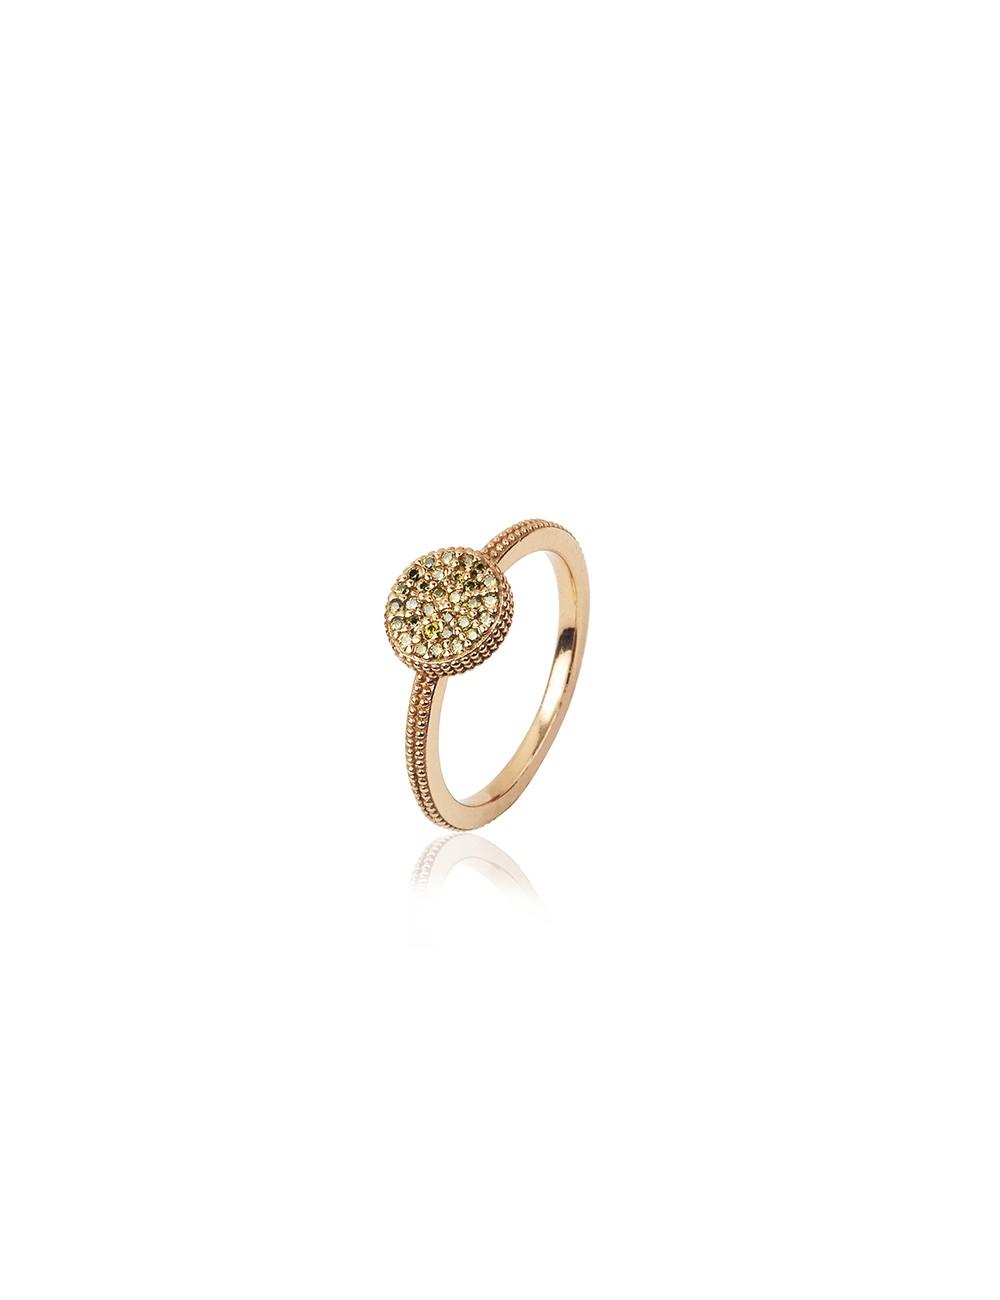 Sunfield -Anillo Sunfield plata con baño oro rosa y circonitas -AN062330/2/20